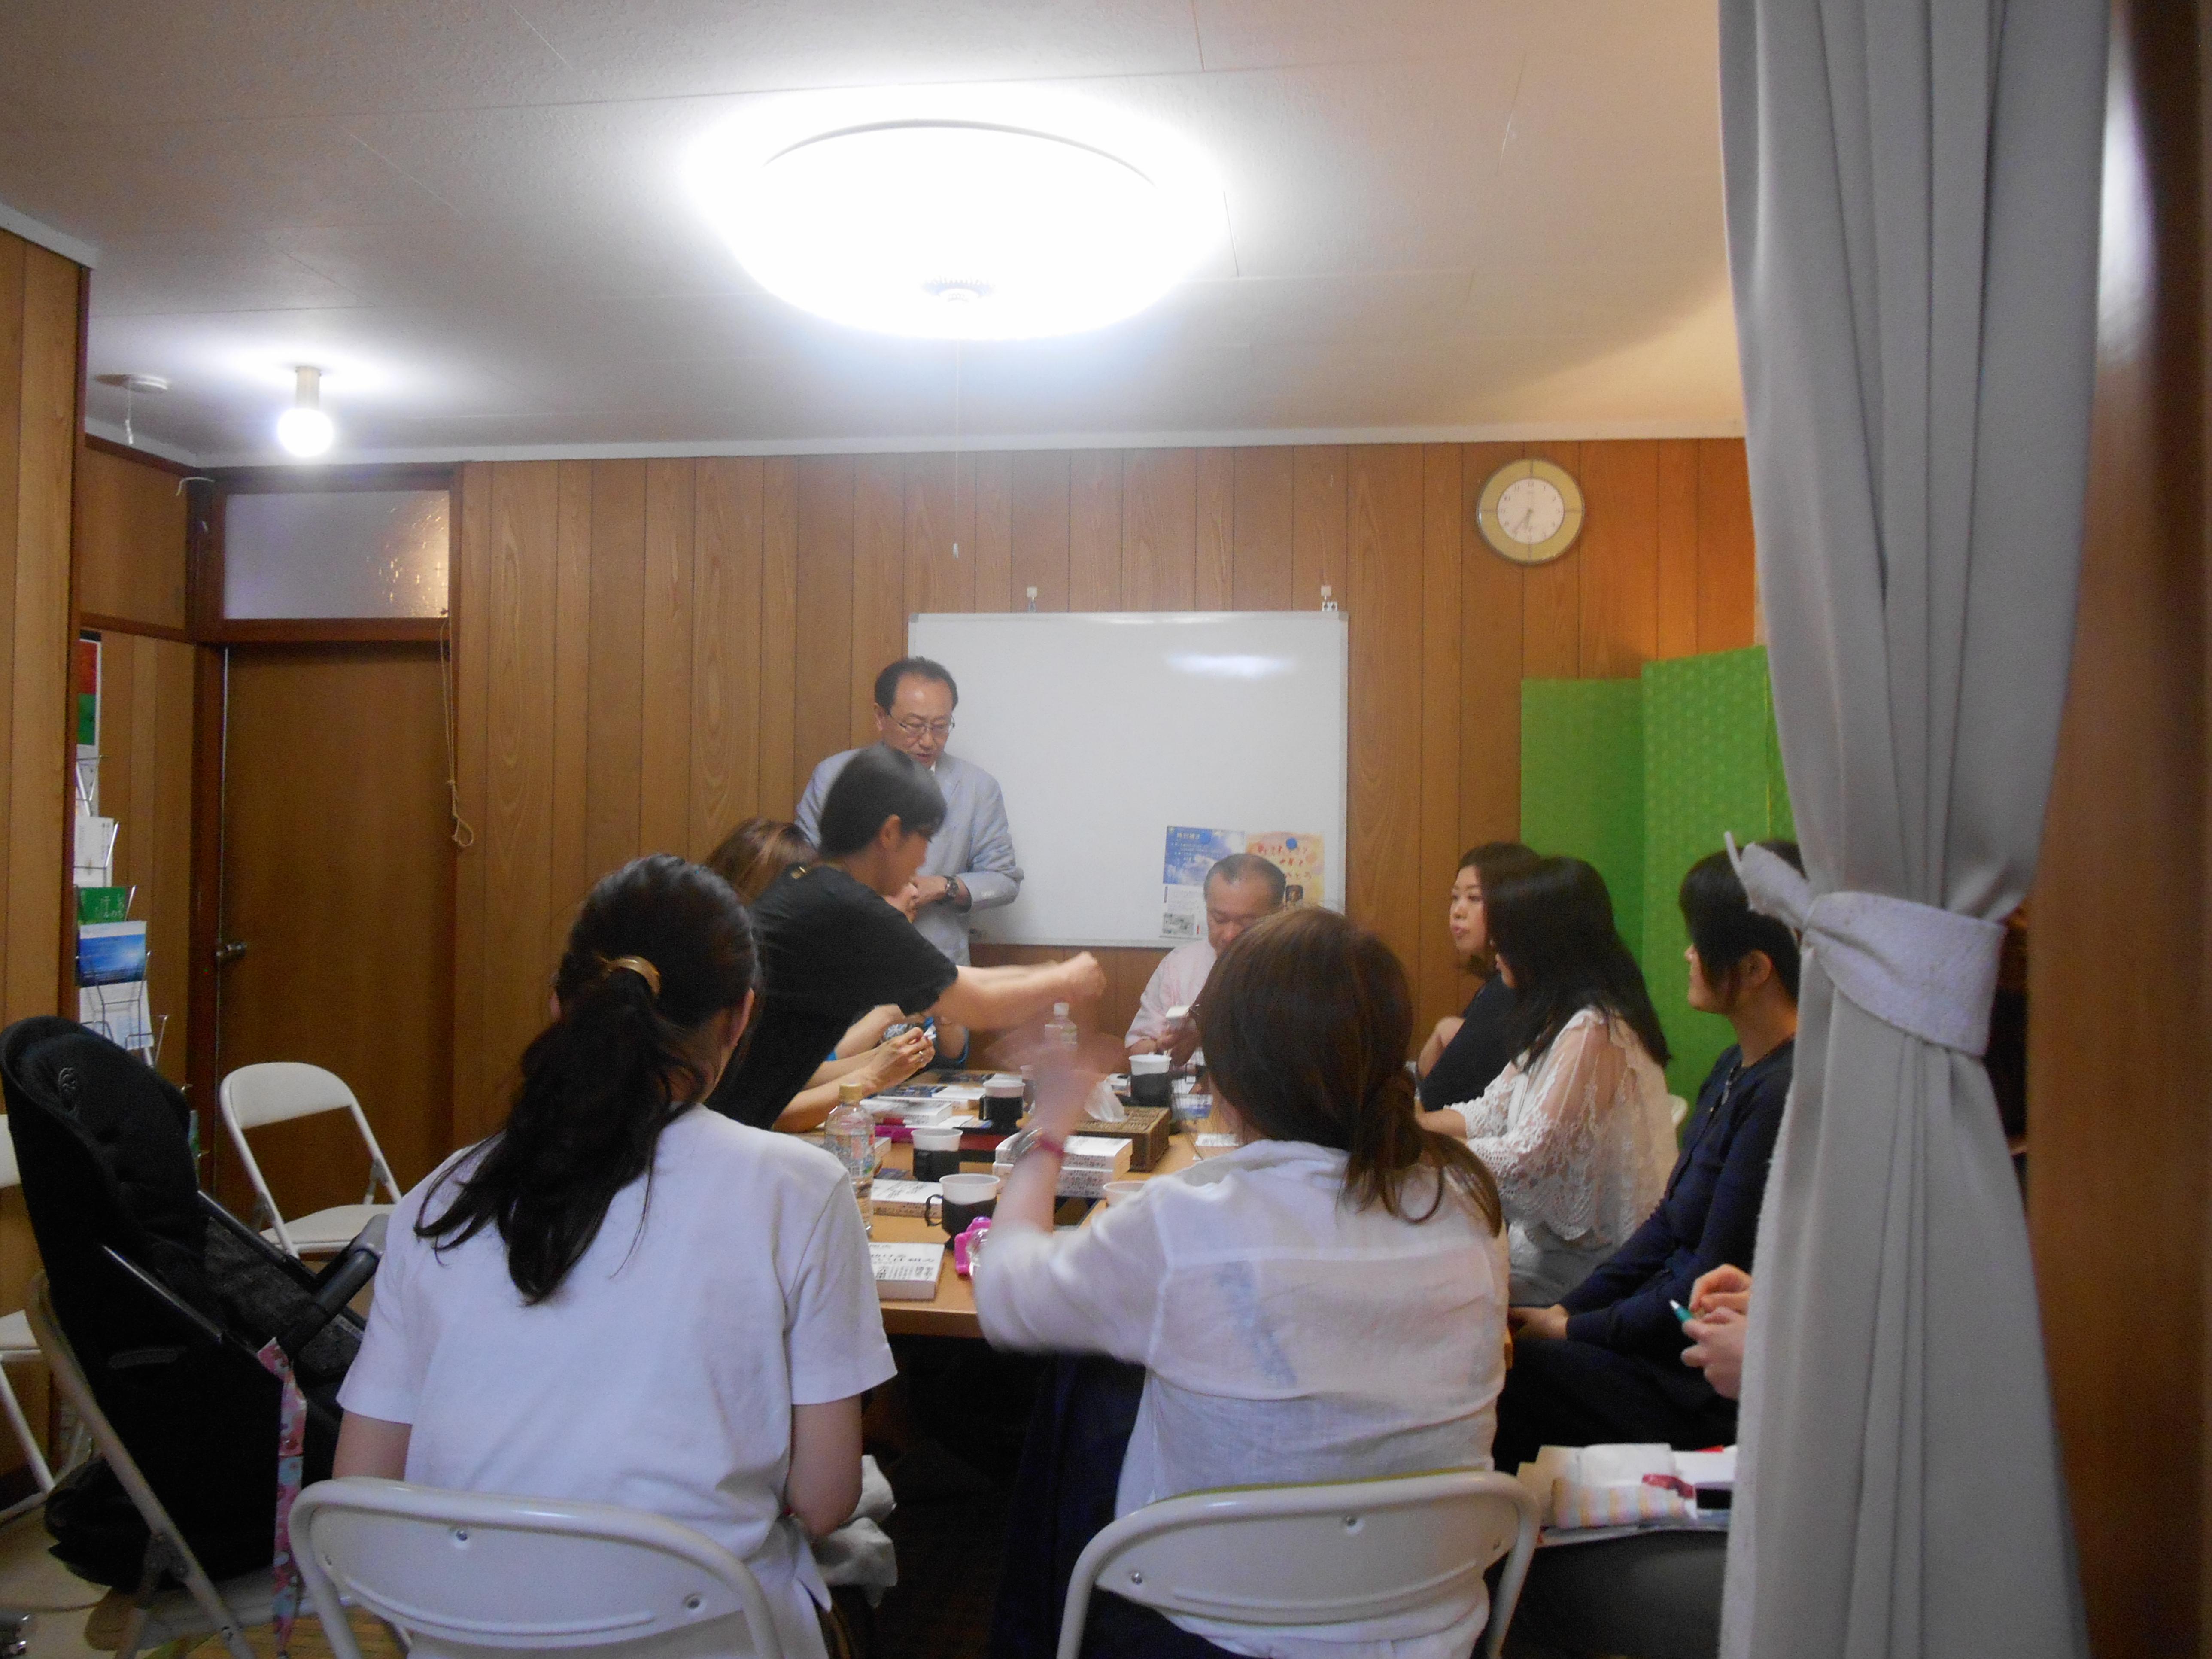 DSCN1641 - 愛の子育て塾14期第4講座